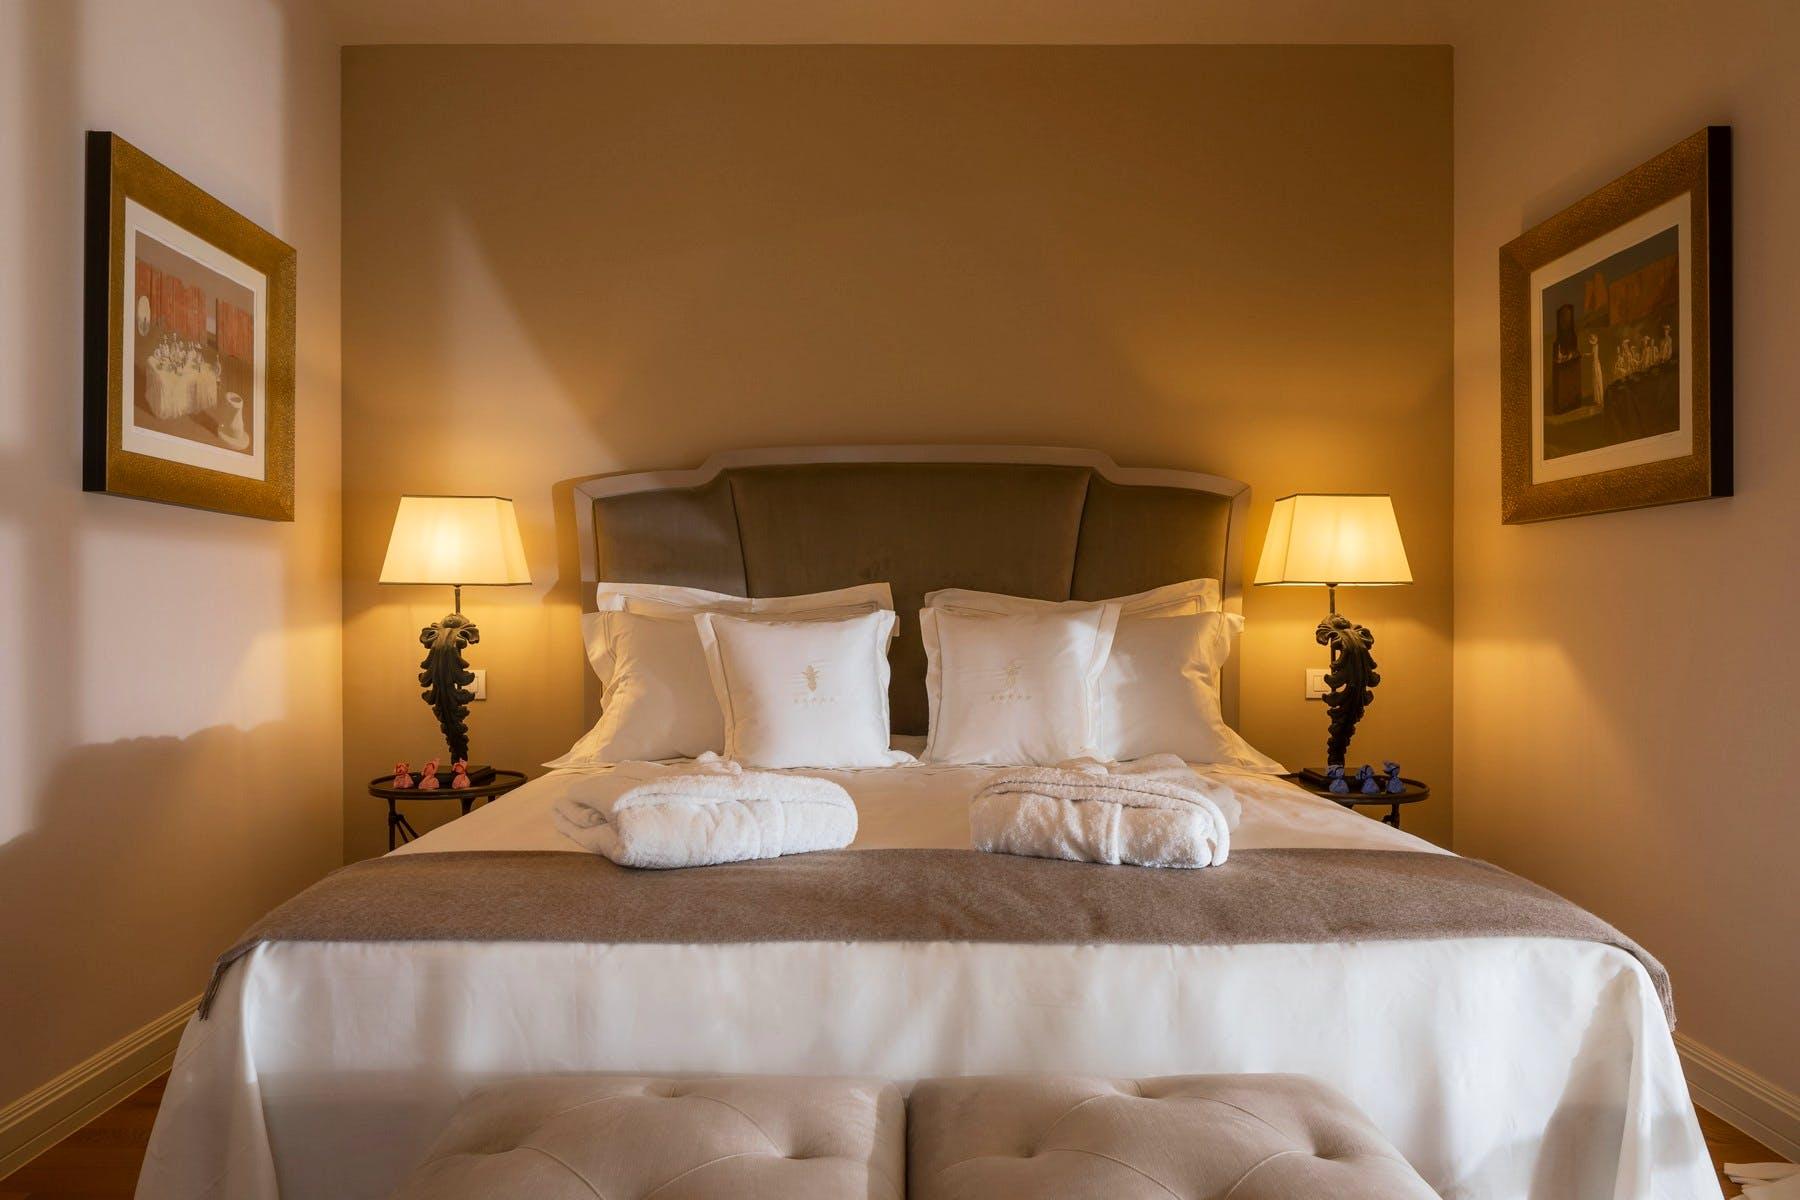 Double bedroom decor